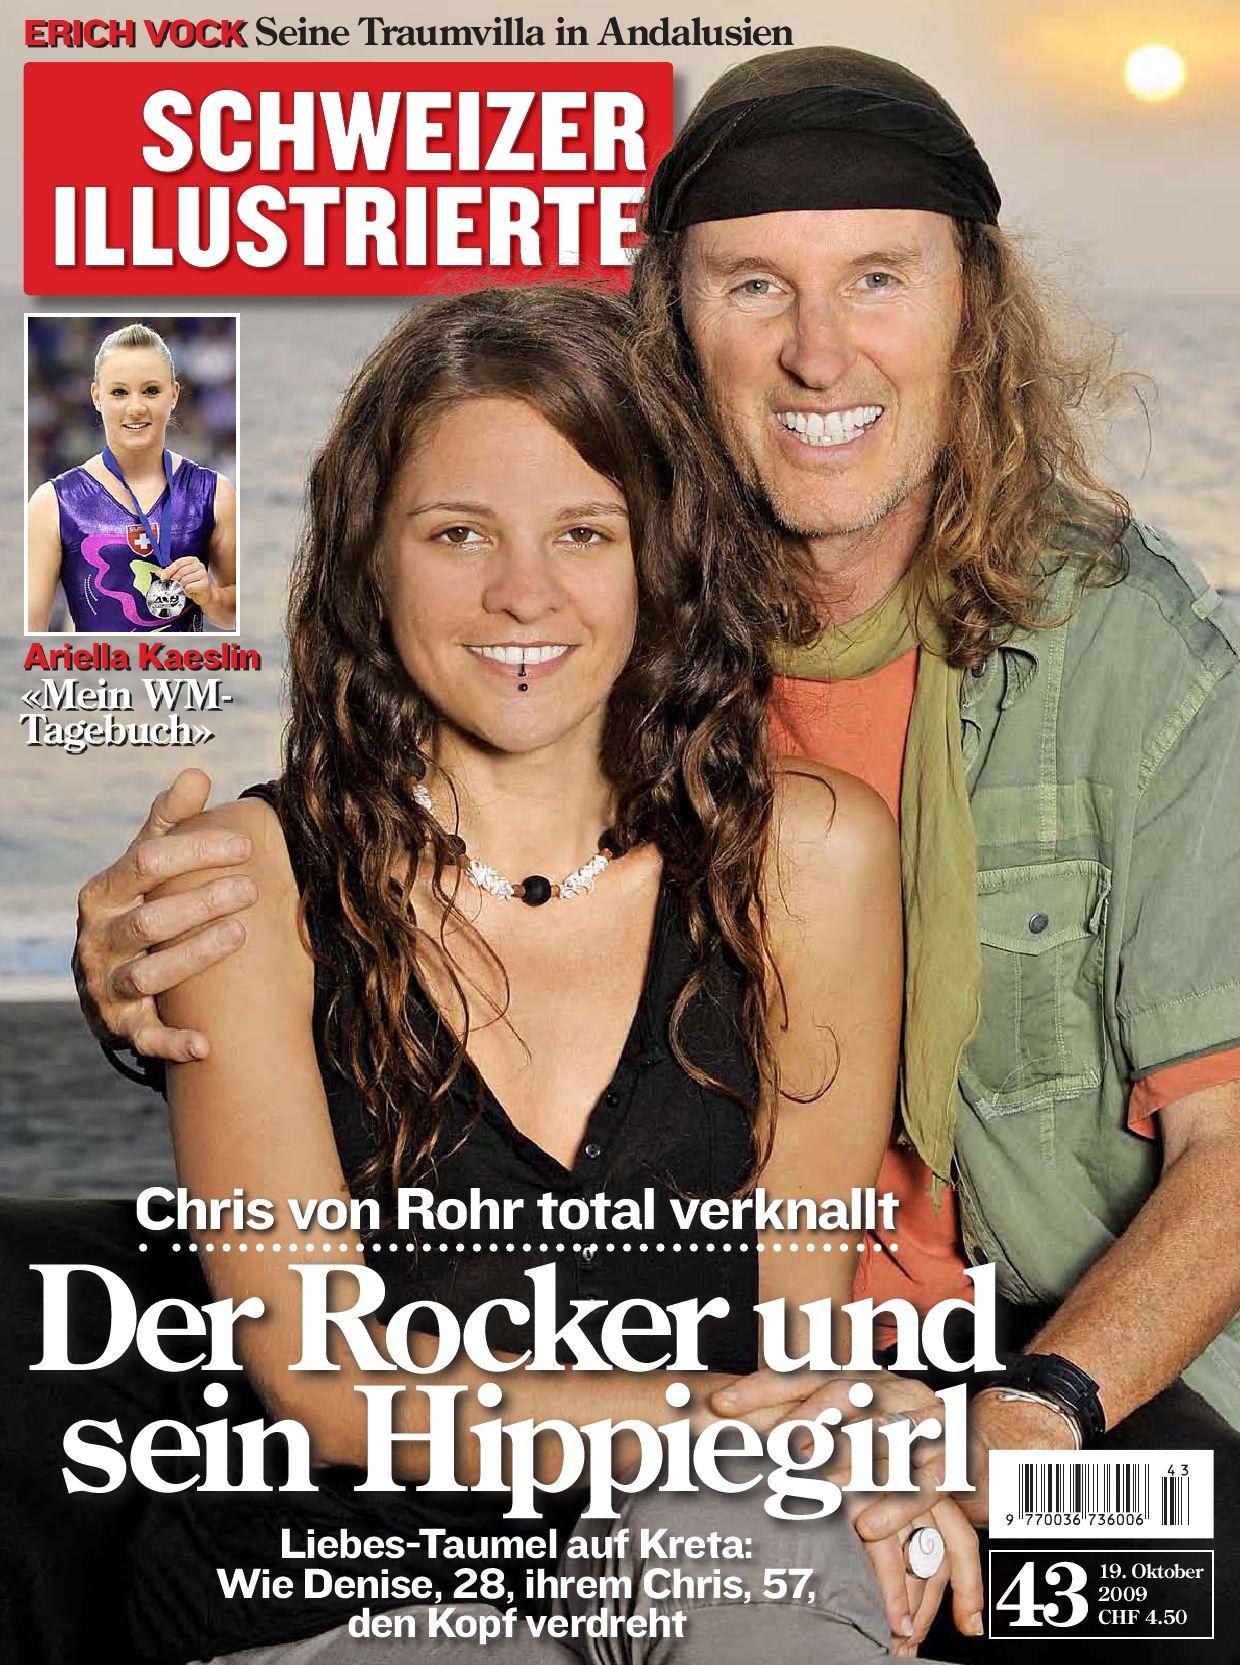 SI 2009 43 by Schweizer Illustrierte issuu